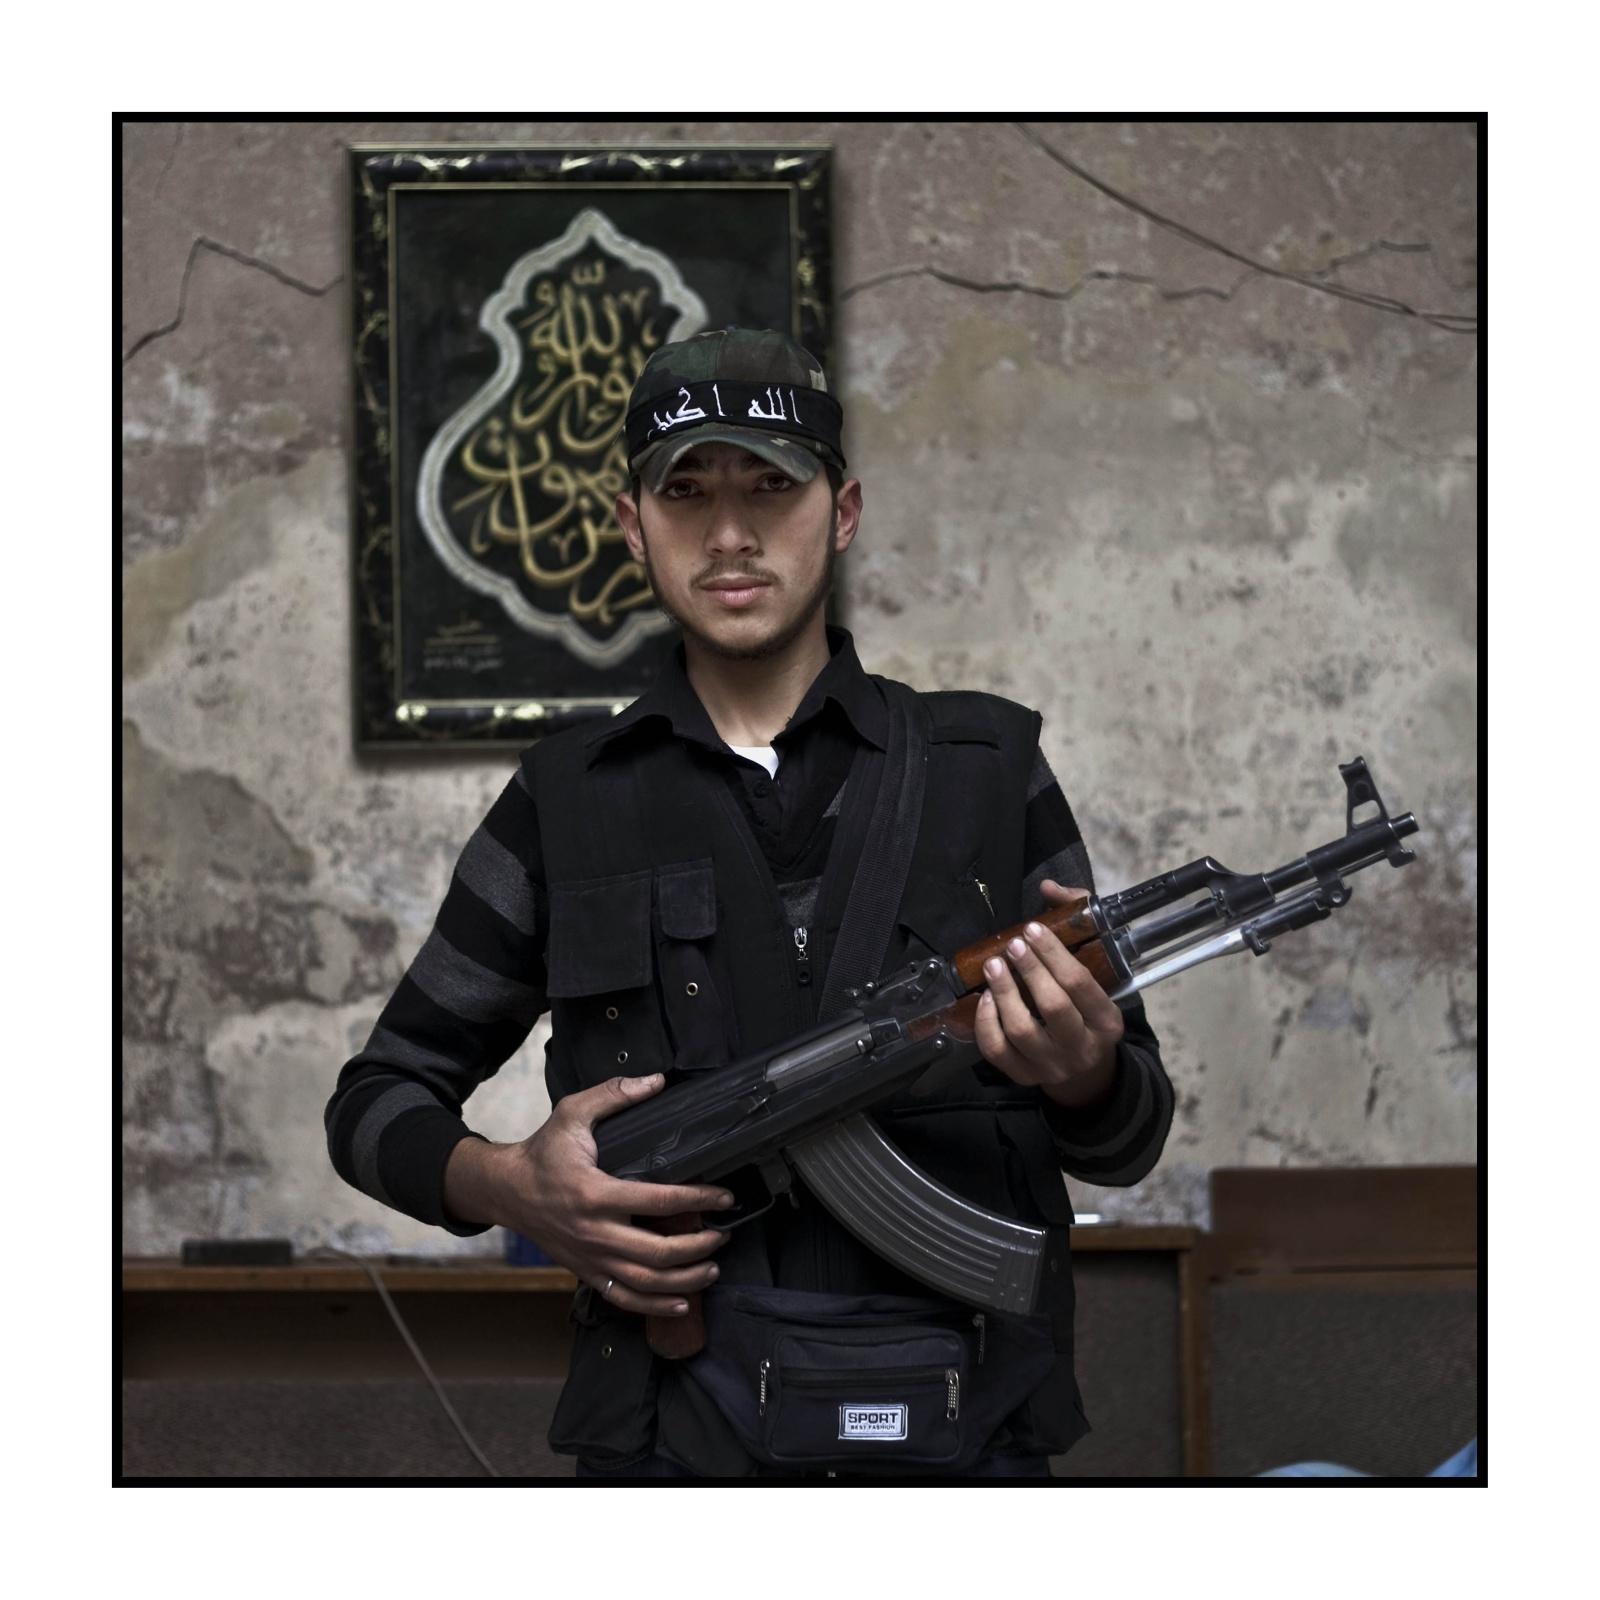 Syria, Aleppo - Prima linea del fronte nel quartiere del souk  - Hamed 23 anni combattente de Free Syrian Army